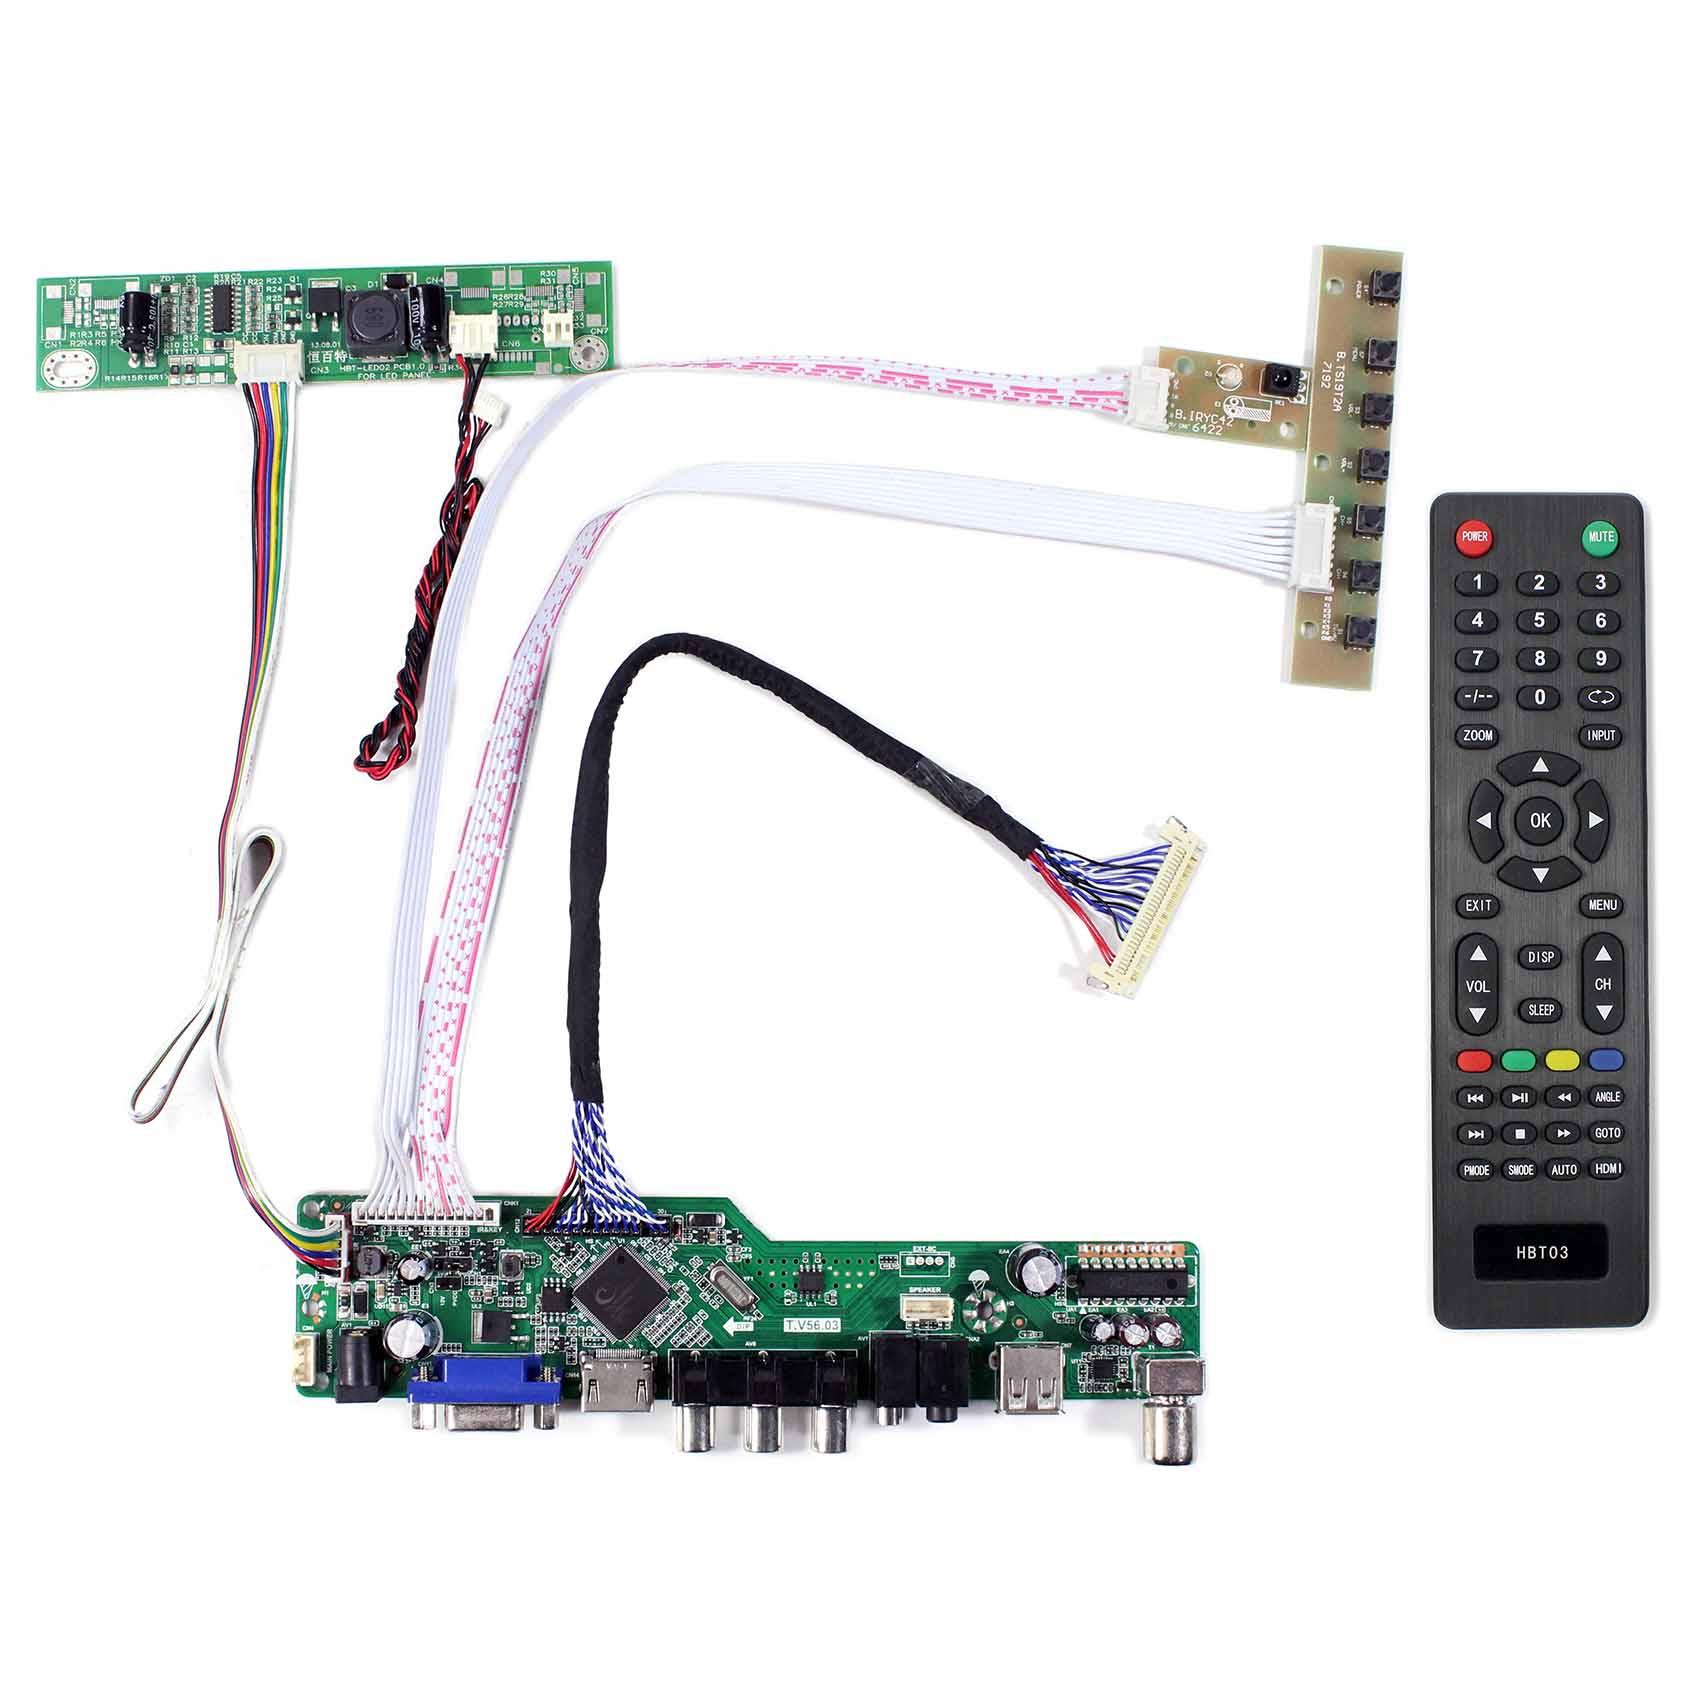 HDMI VGA AV USB RF LCD Controller Board T.V56.03 Work For M170ETN01.1 M170ETN01.3 M190ETN01.0 G190ETN01.0